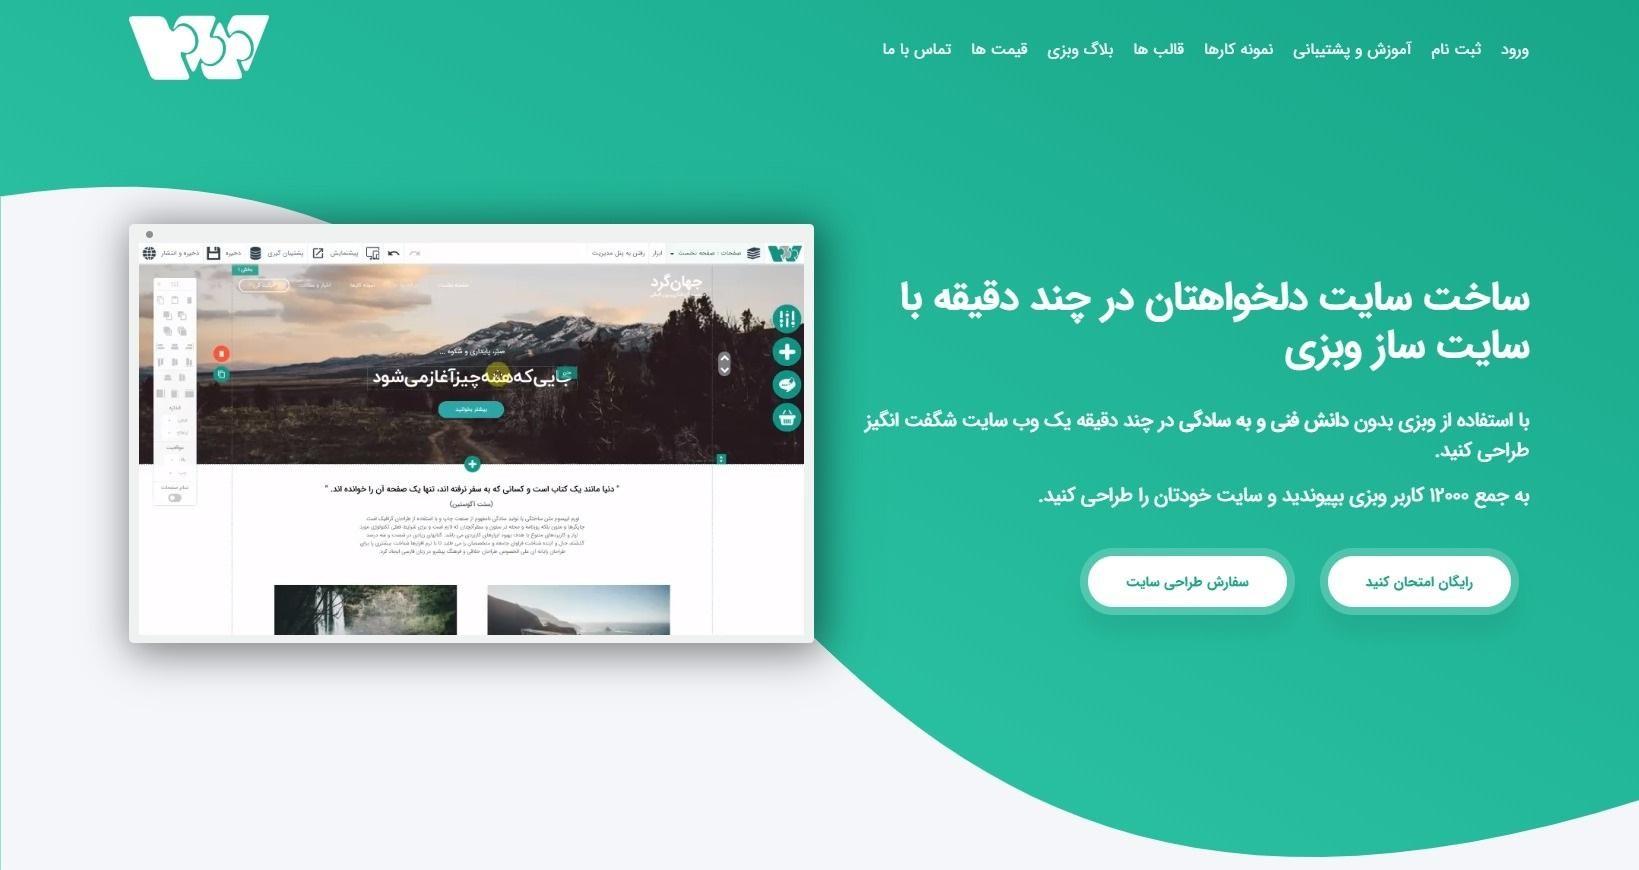 معرفی وبزی، ساده ترین و بهترین سایت ساز فارسی